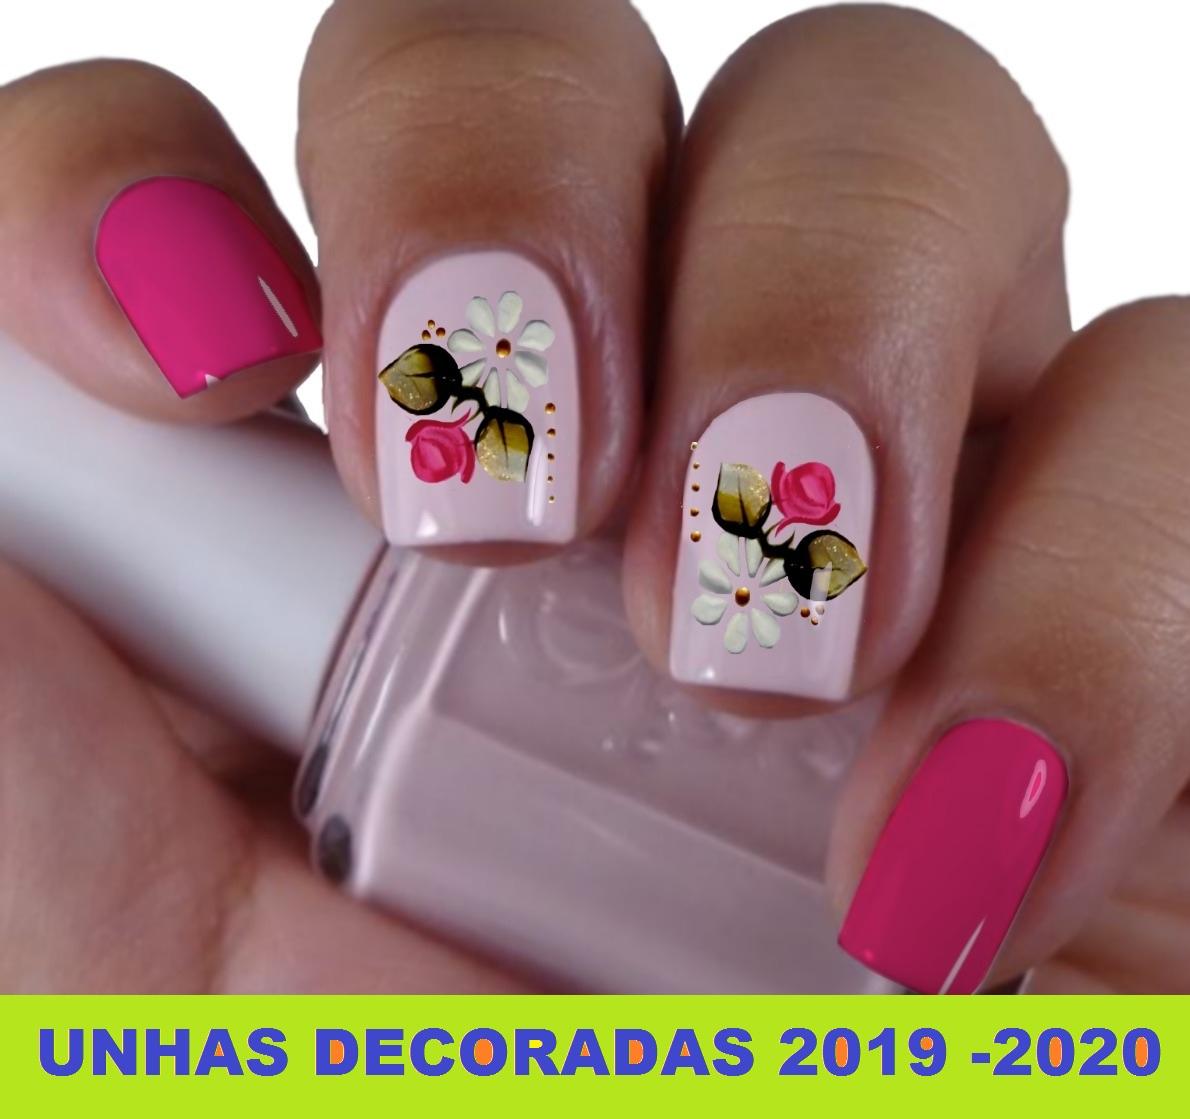 unhas decoradas com flor 2019 - 2020